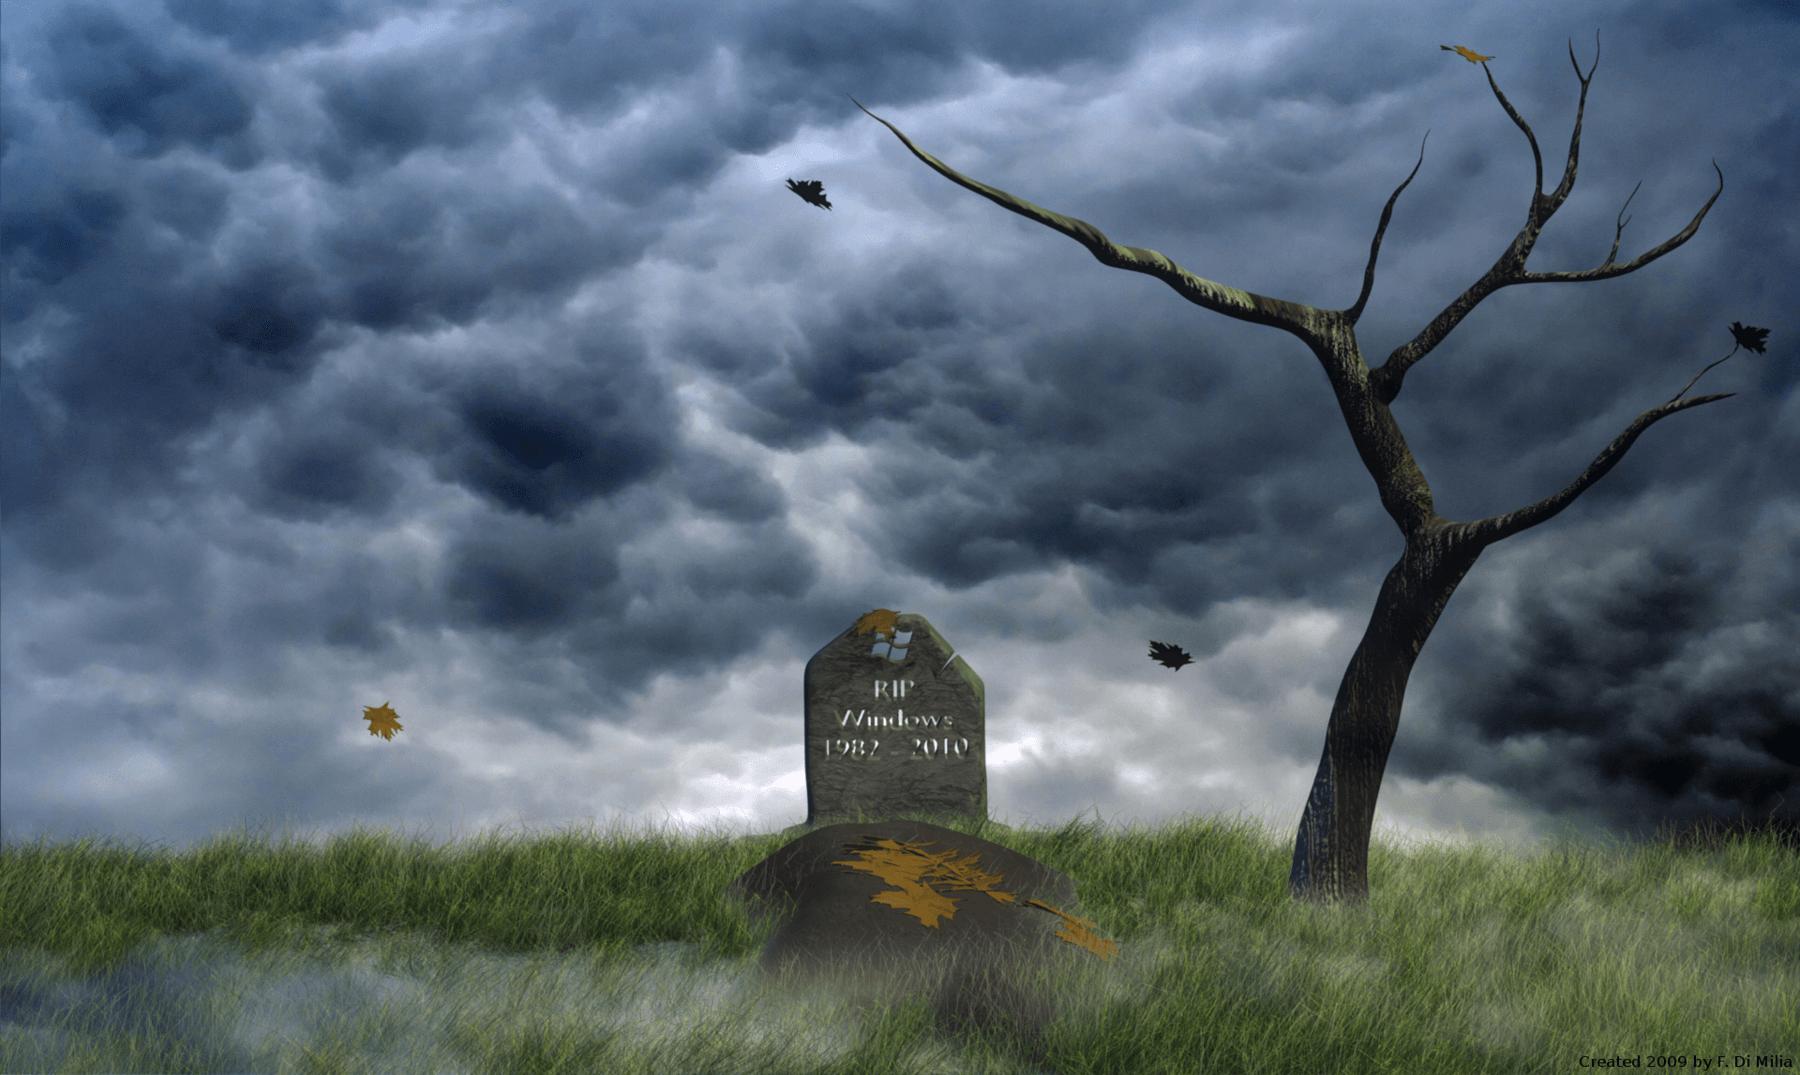 Los epitafios más curiosos y divertidos de la historia